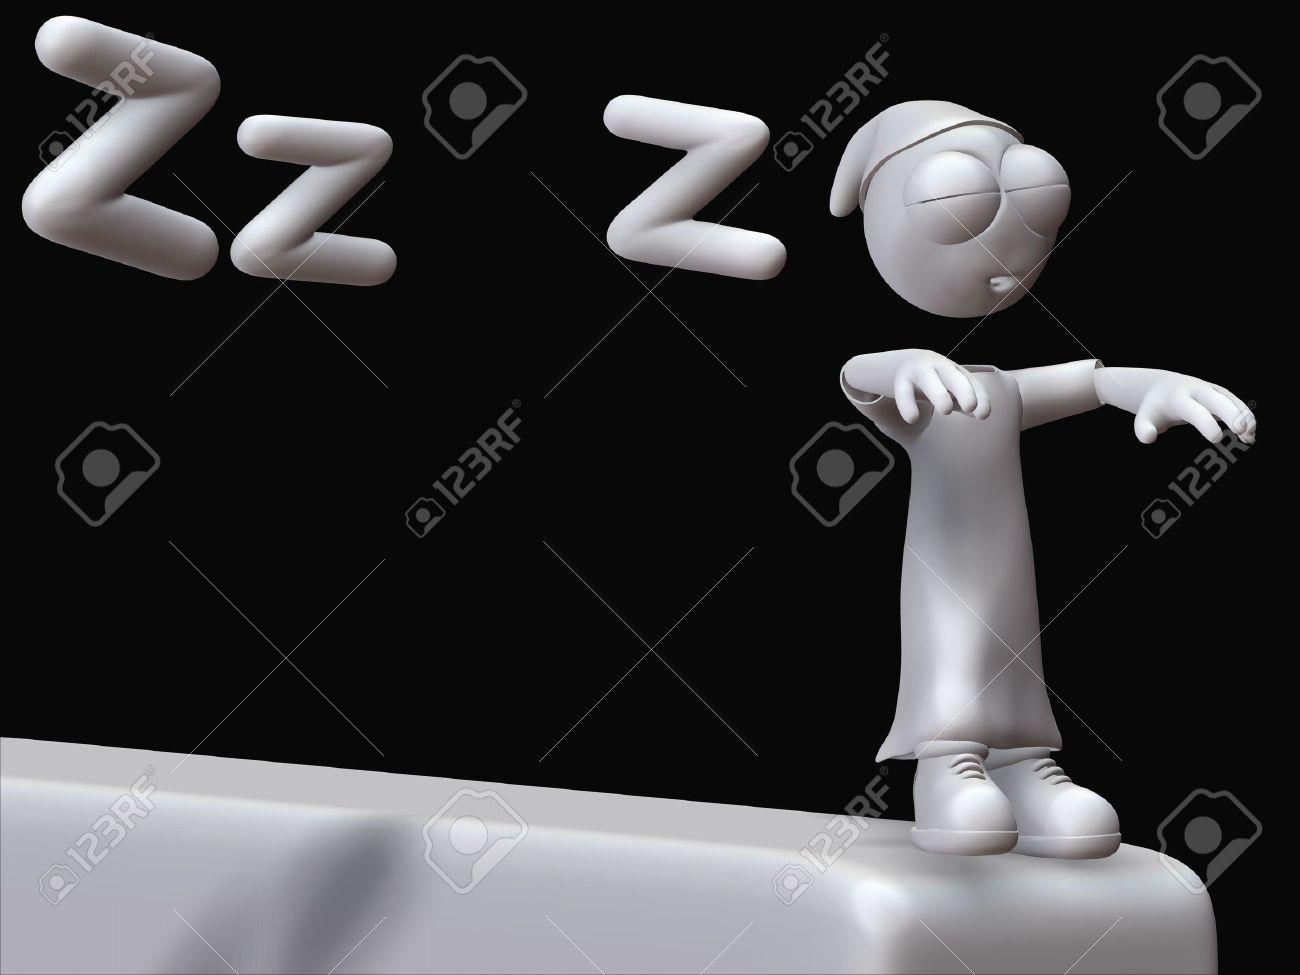 dreaming sleepwalking with ziggy zeitgeist Stock Photo - 10495407